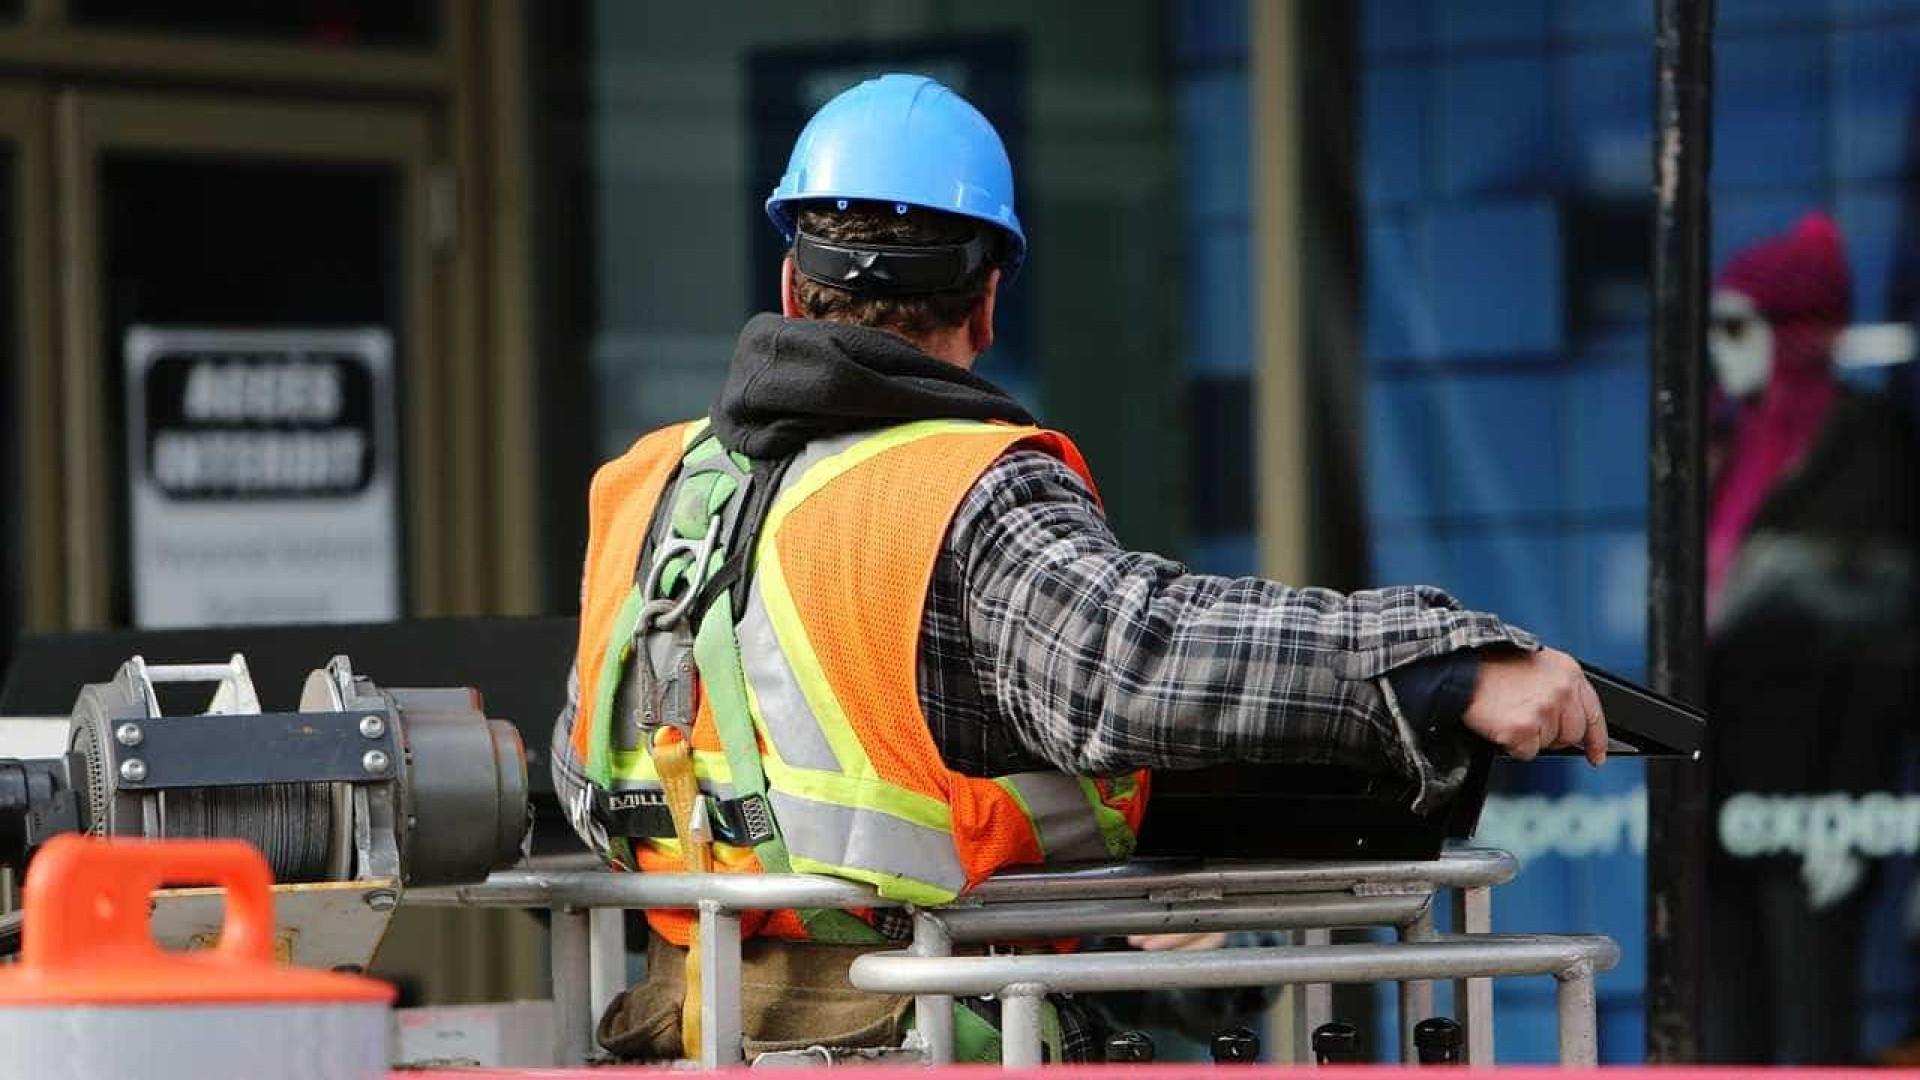 Construção civil tem inflação de 0,11% em setembro